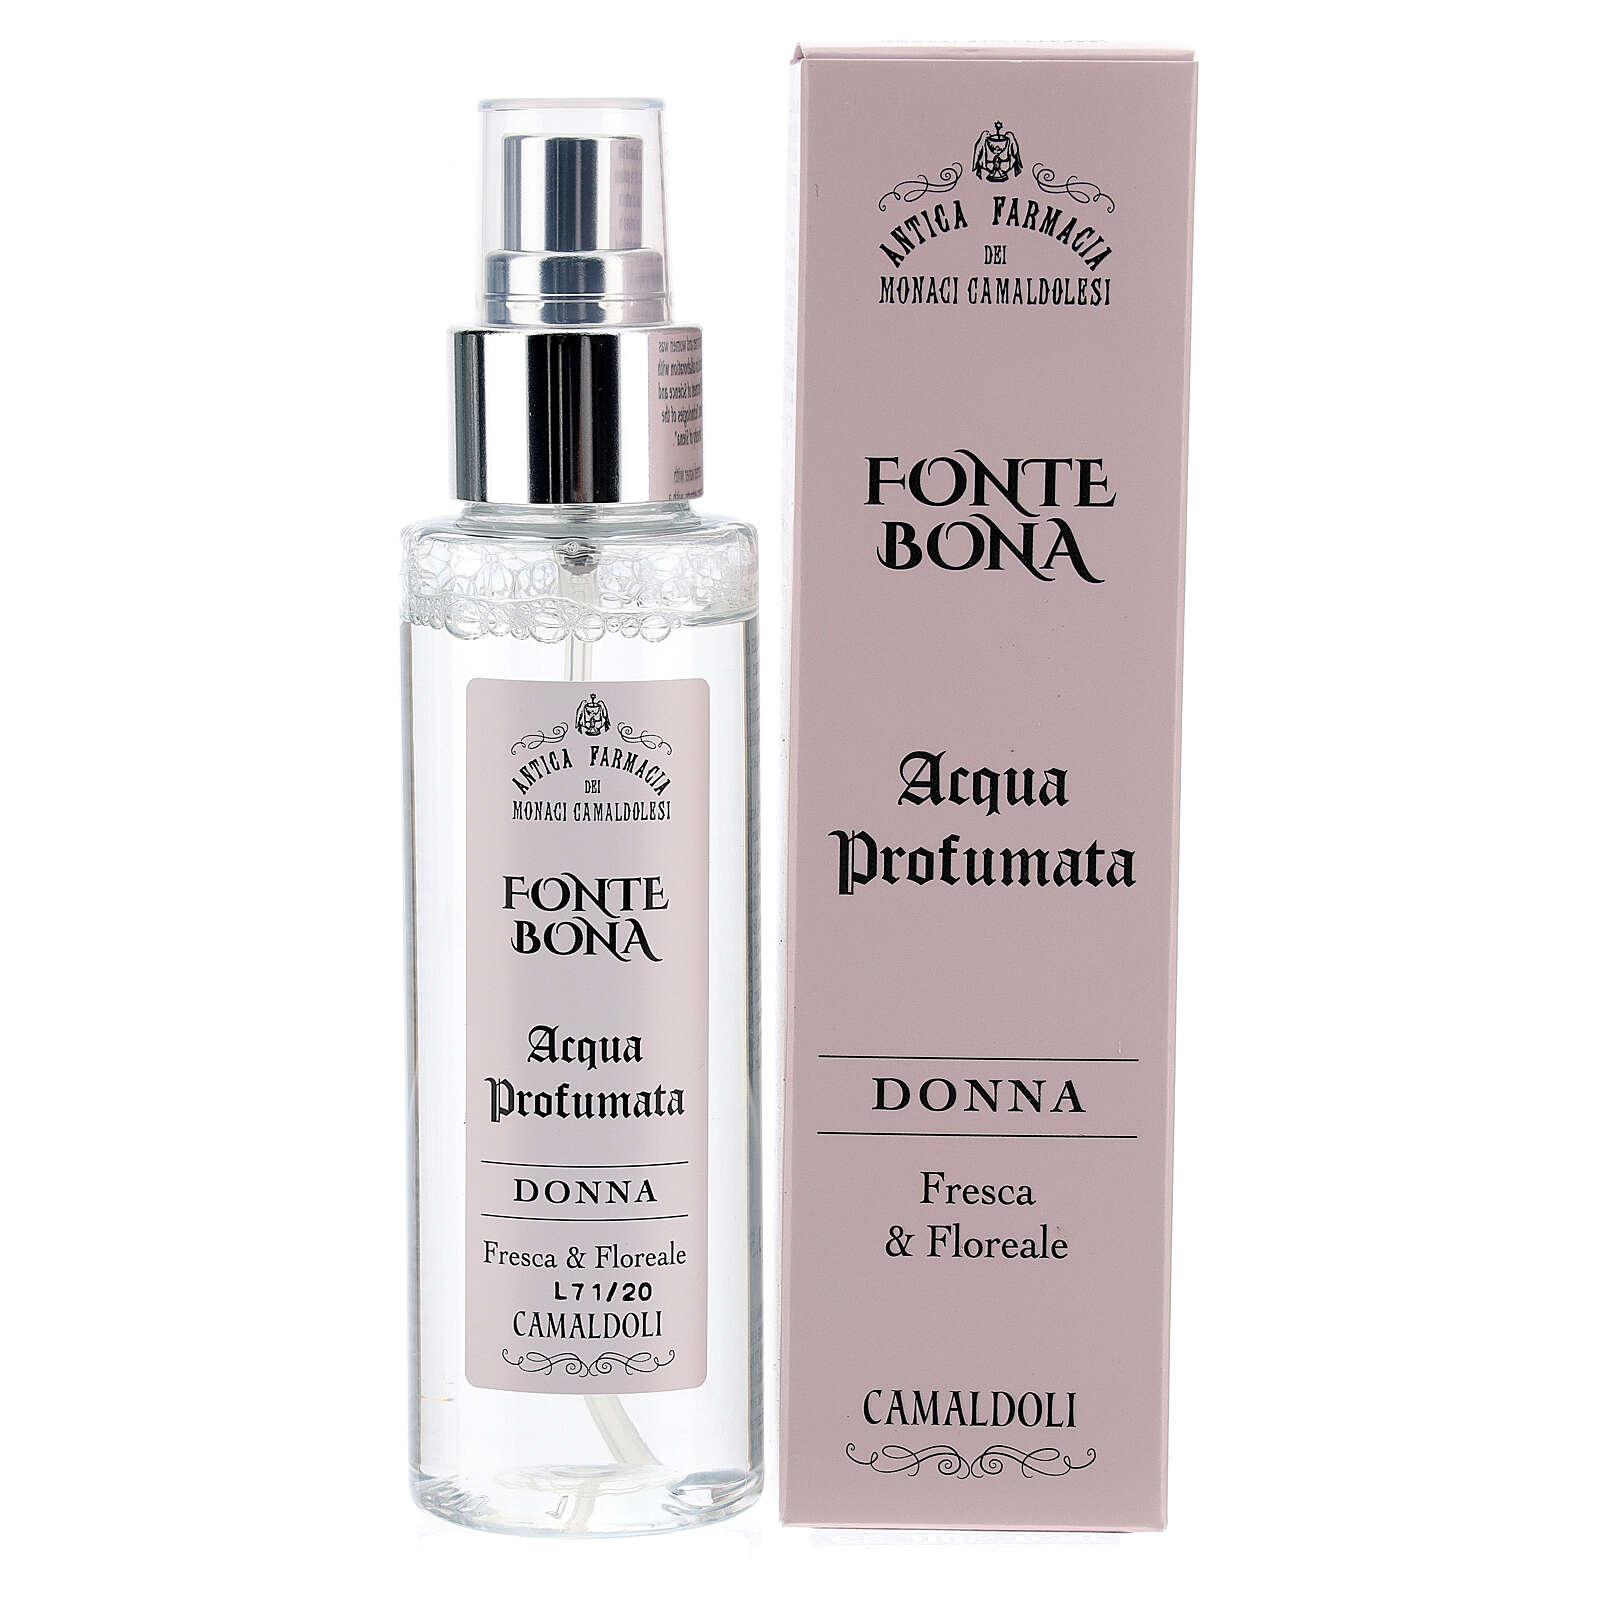 Acqua Profumata Floreale donna Camaldoli 100 ml 4